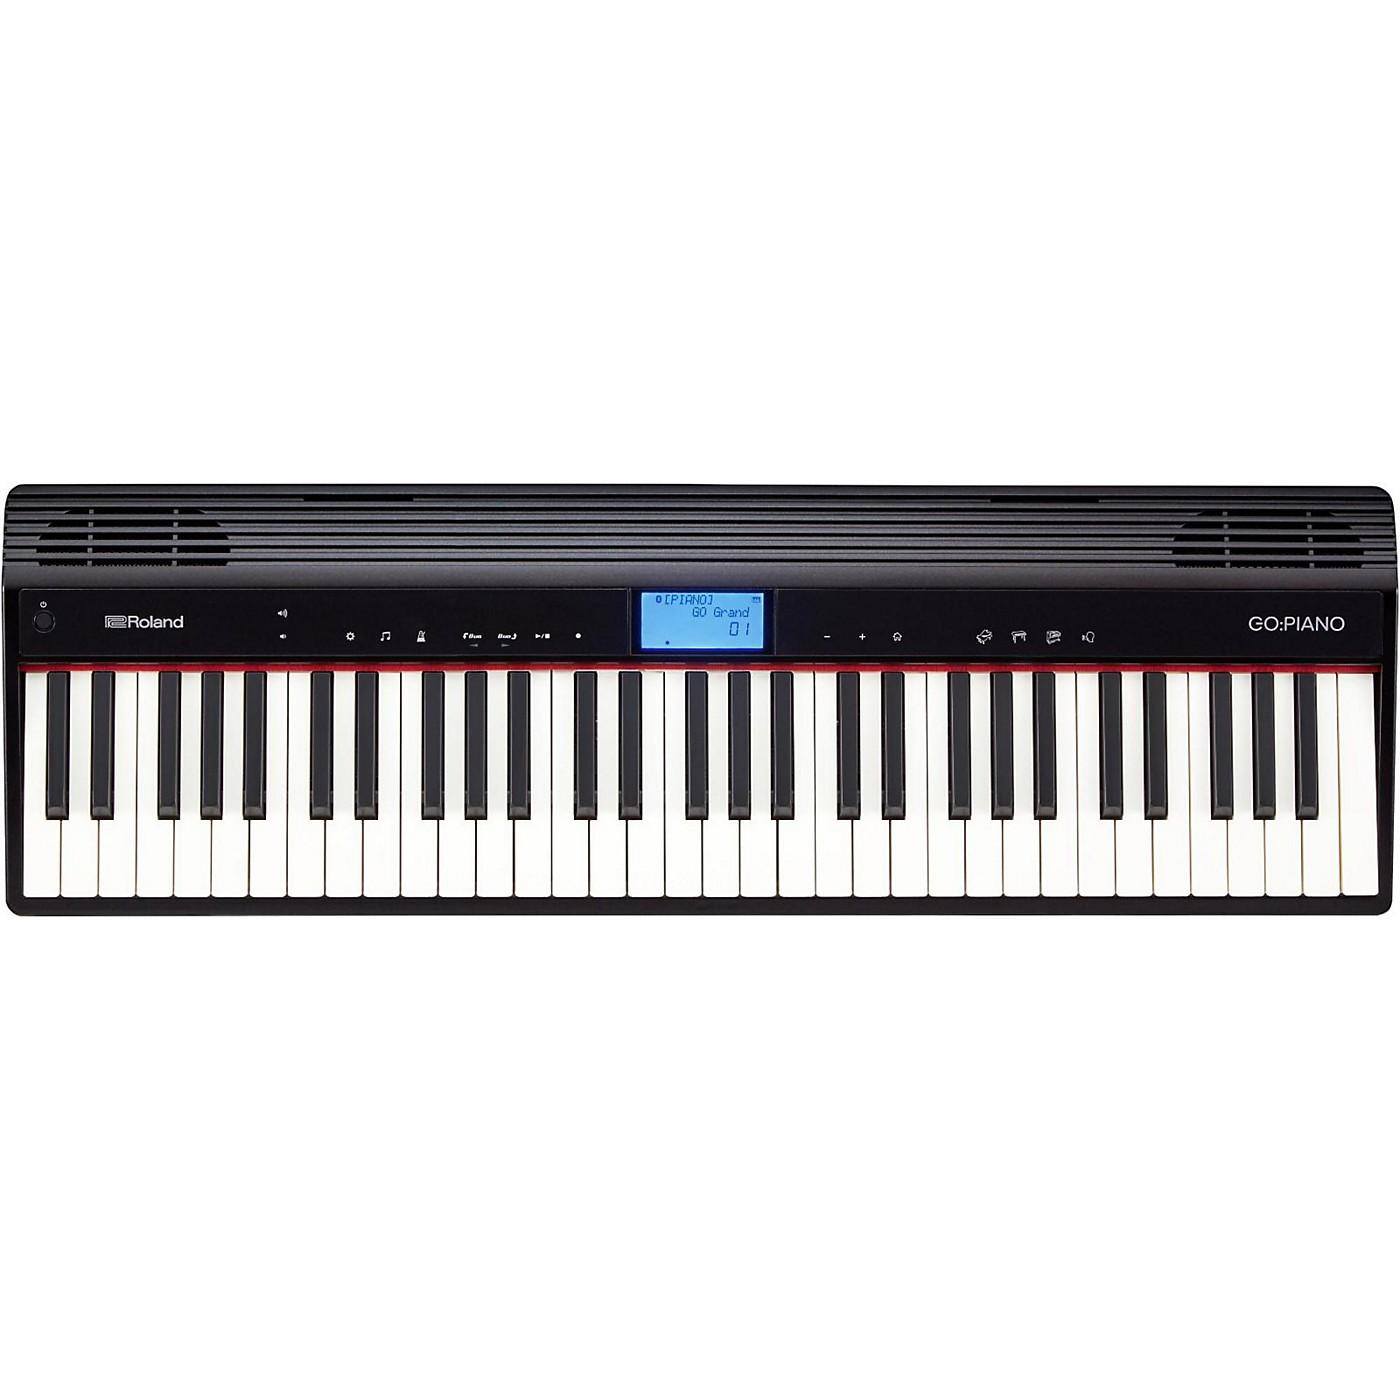 Roland GO:PIANO 61-Key Digital Piano thumbnail